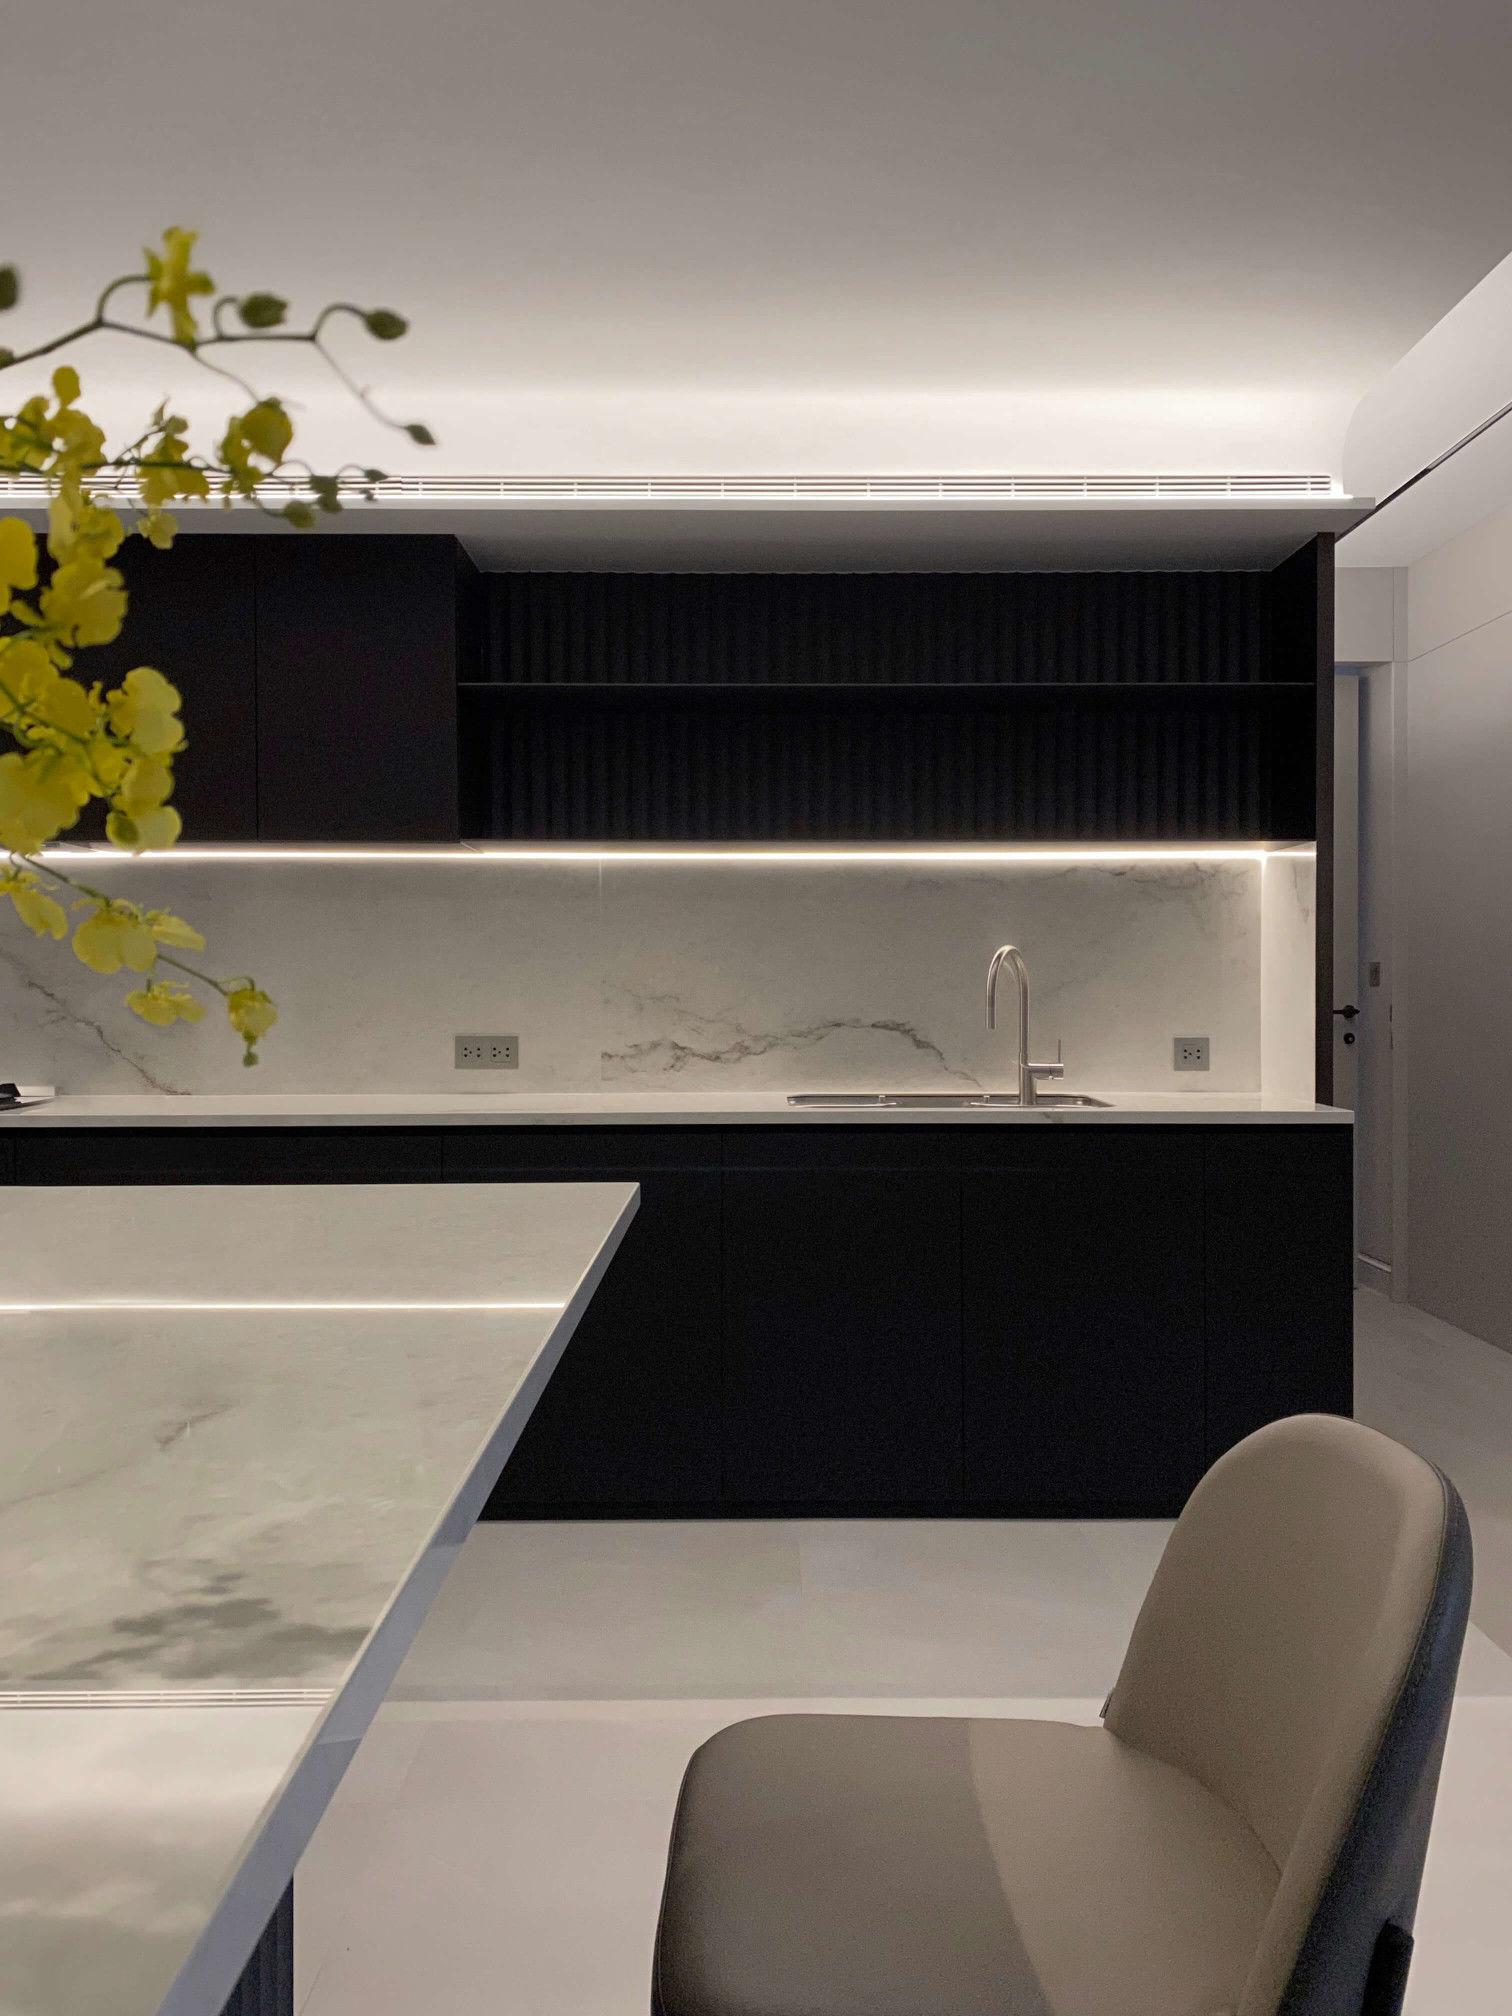 台中分子設計-現代風設計師-台中七期室內設計-電梯大樓整體規劃-輕食區廚房、薄磚檯面訂製中島